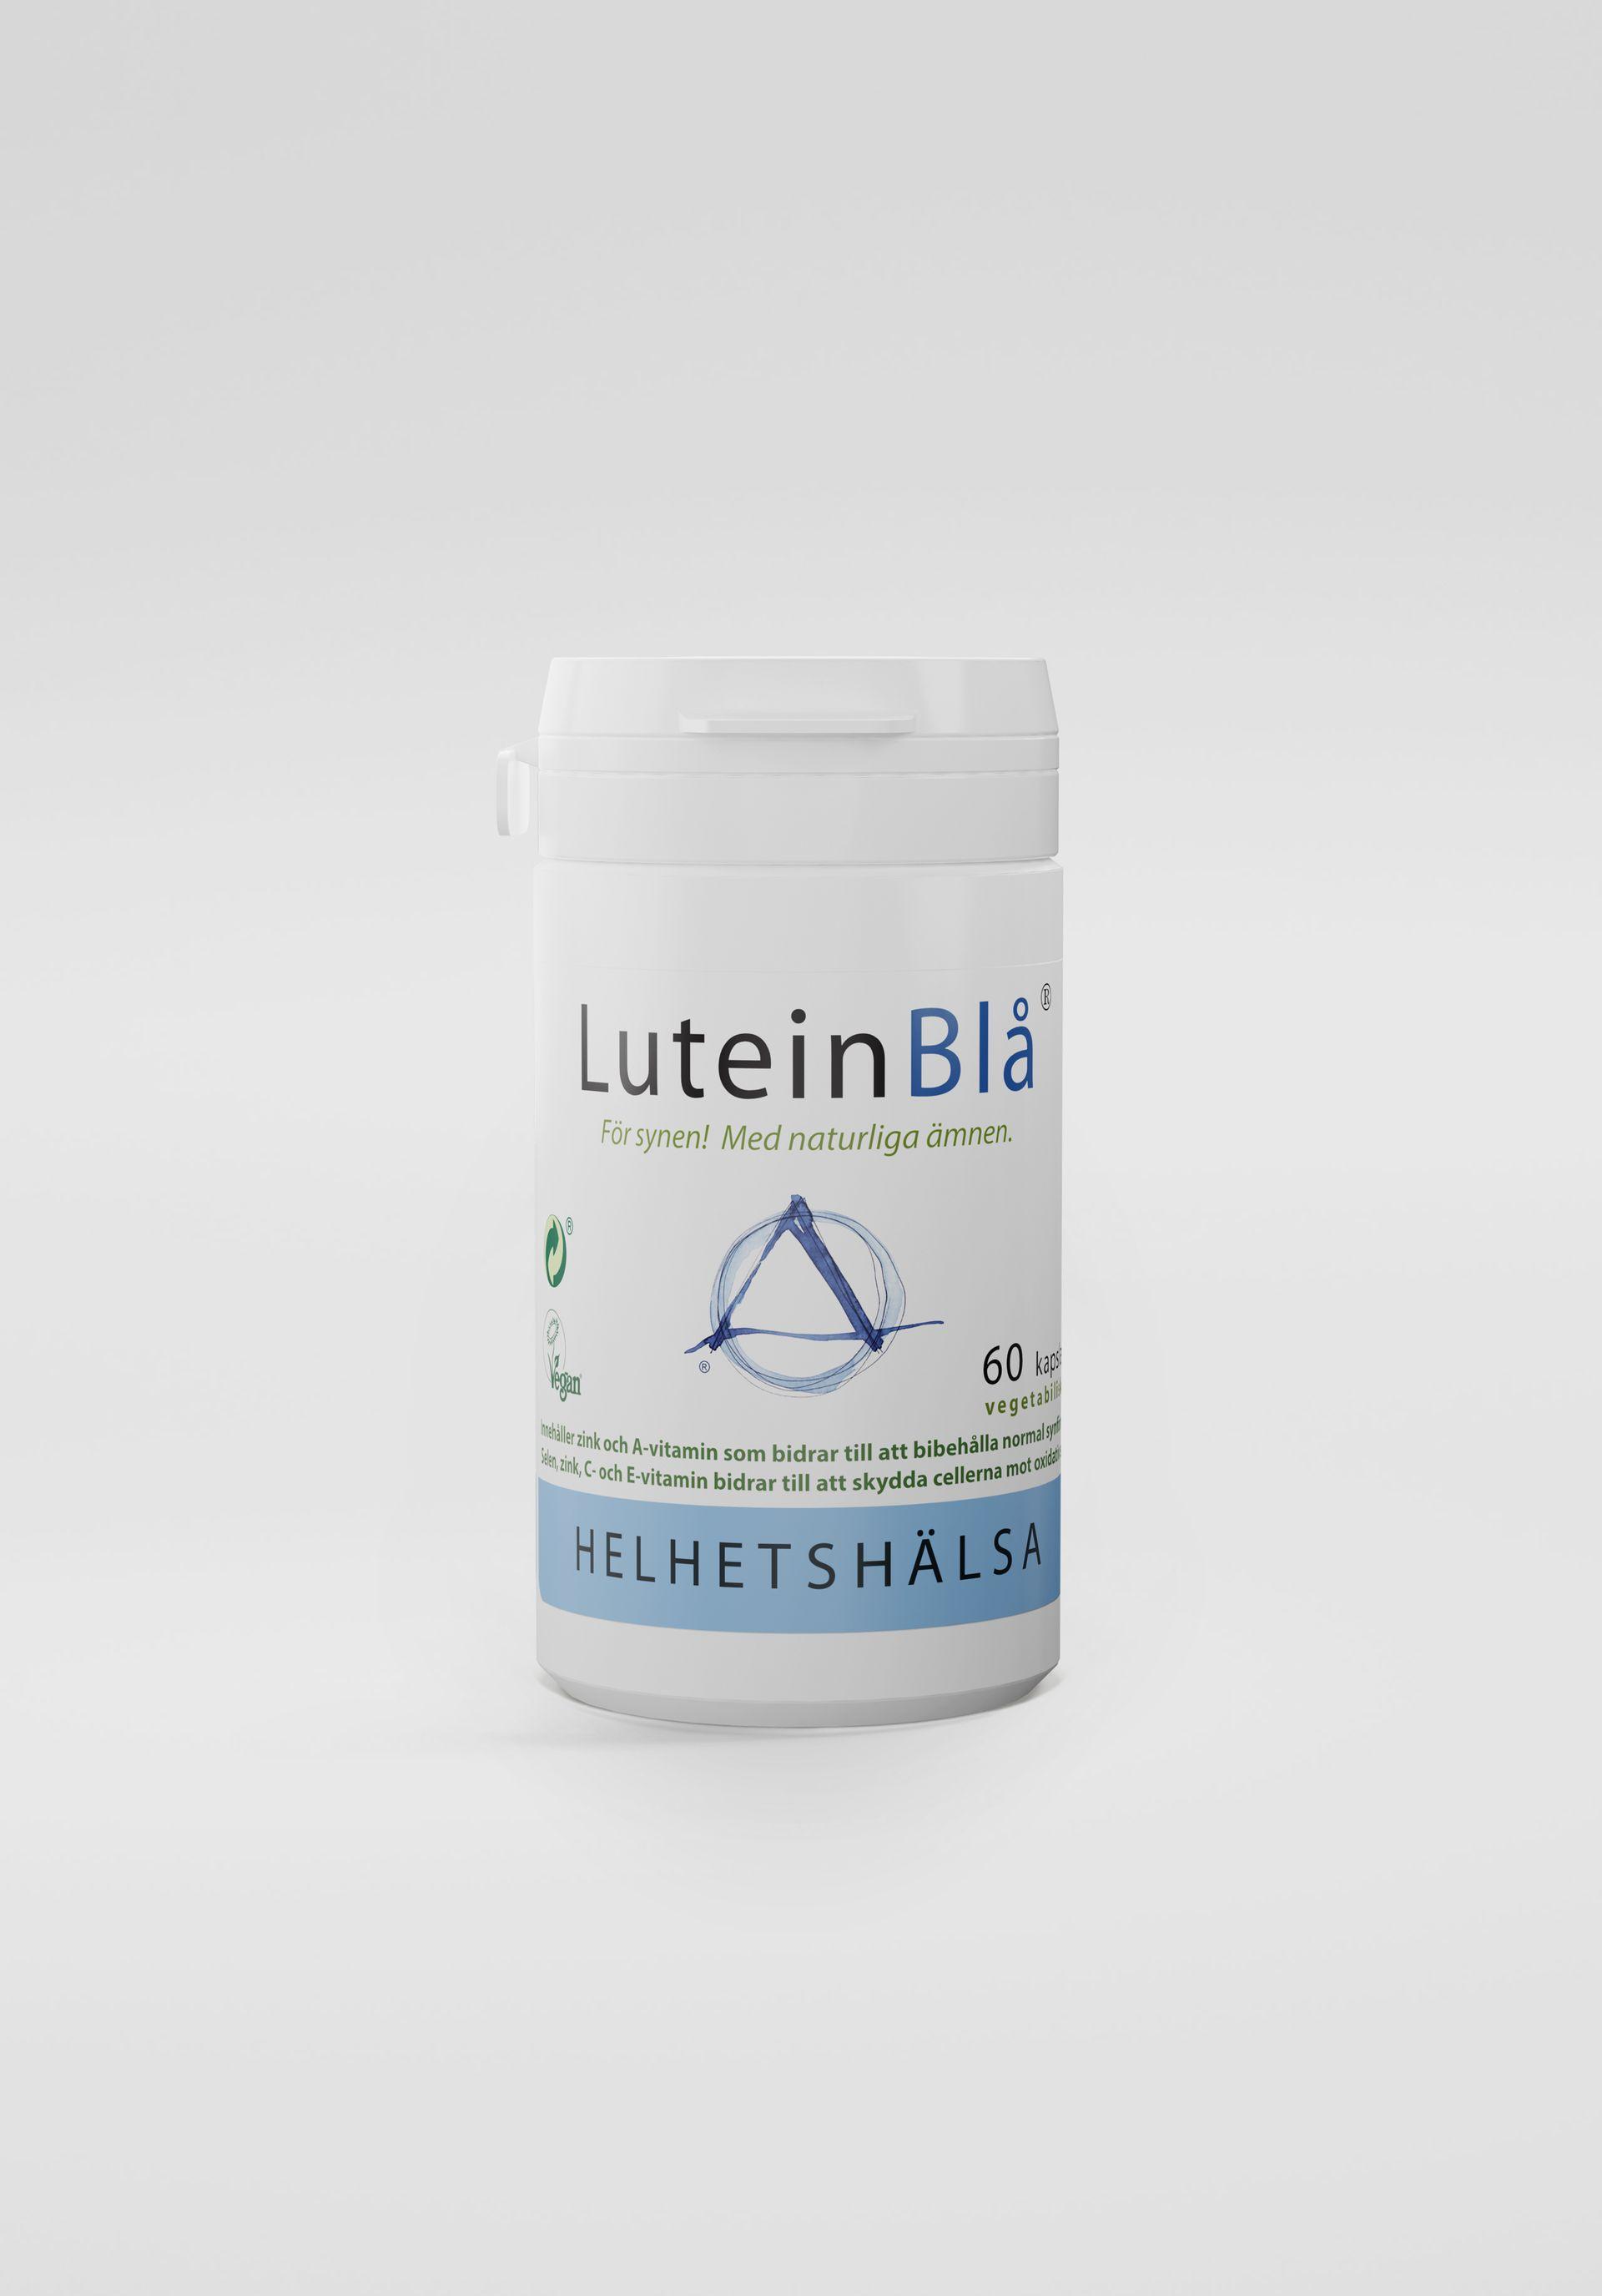 LuteinBlå®, 60 kapslar